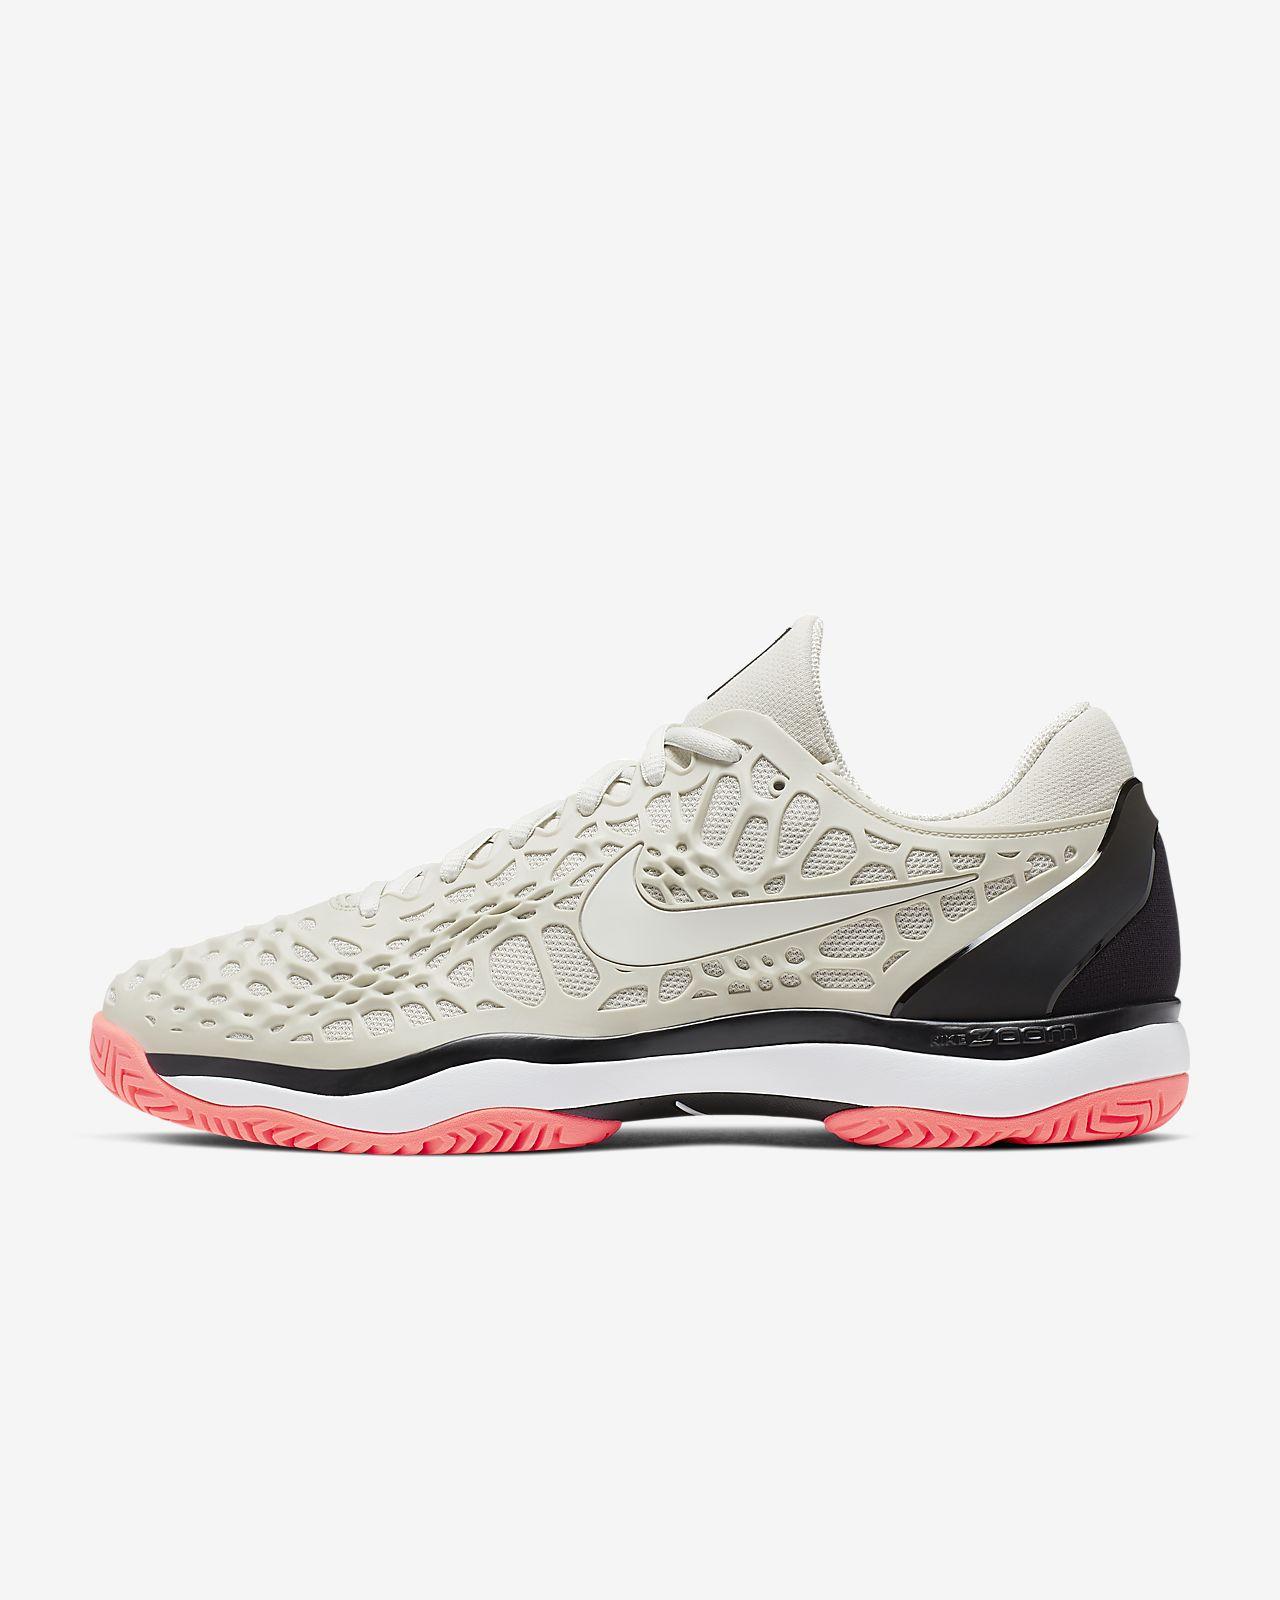 3 Surface Nikecourt Tennis Zoom Cage Homme Chaussure Dure Pour De f7b6gYy